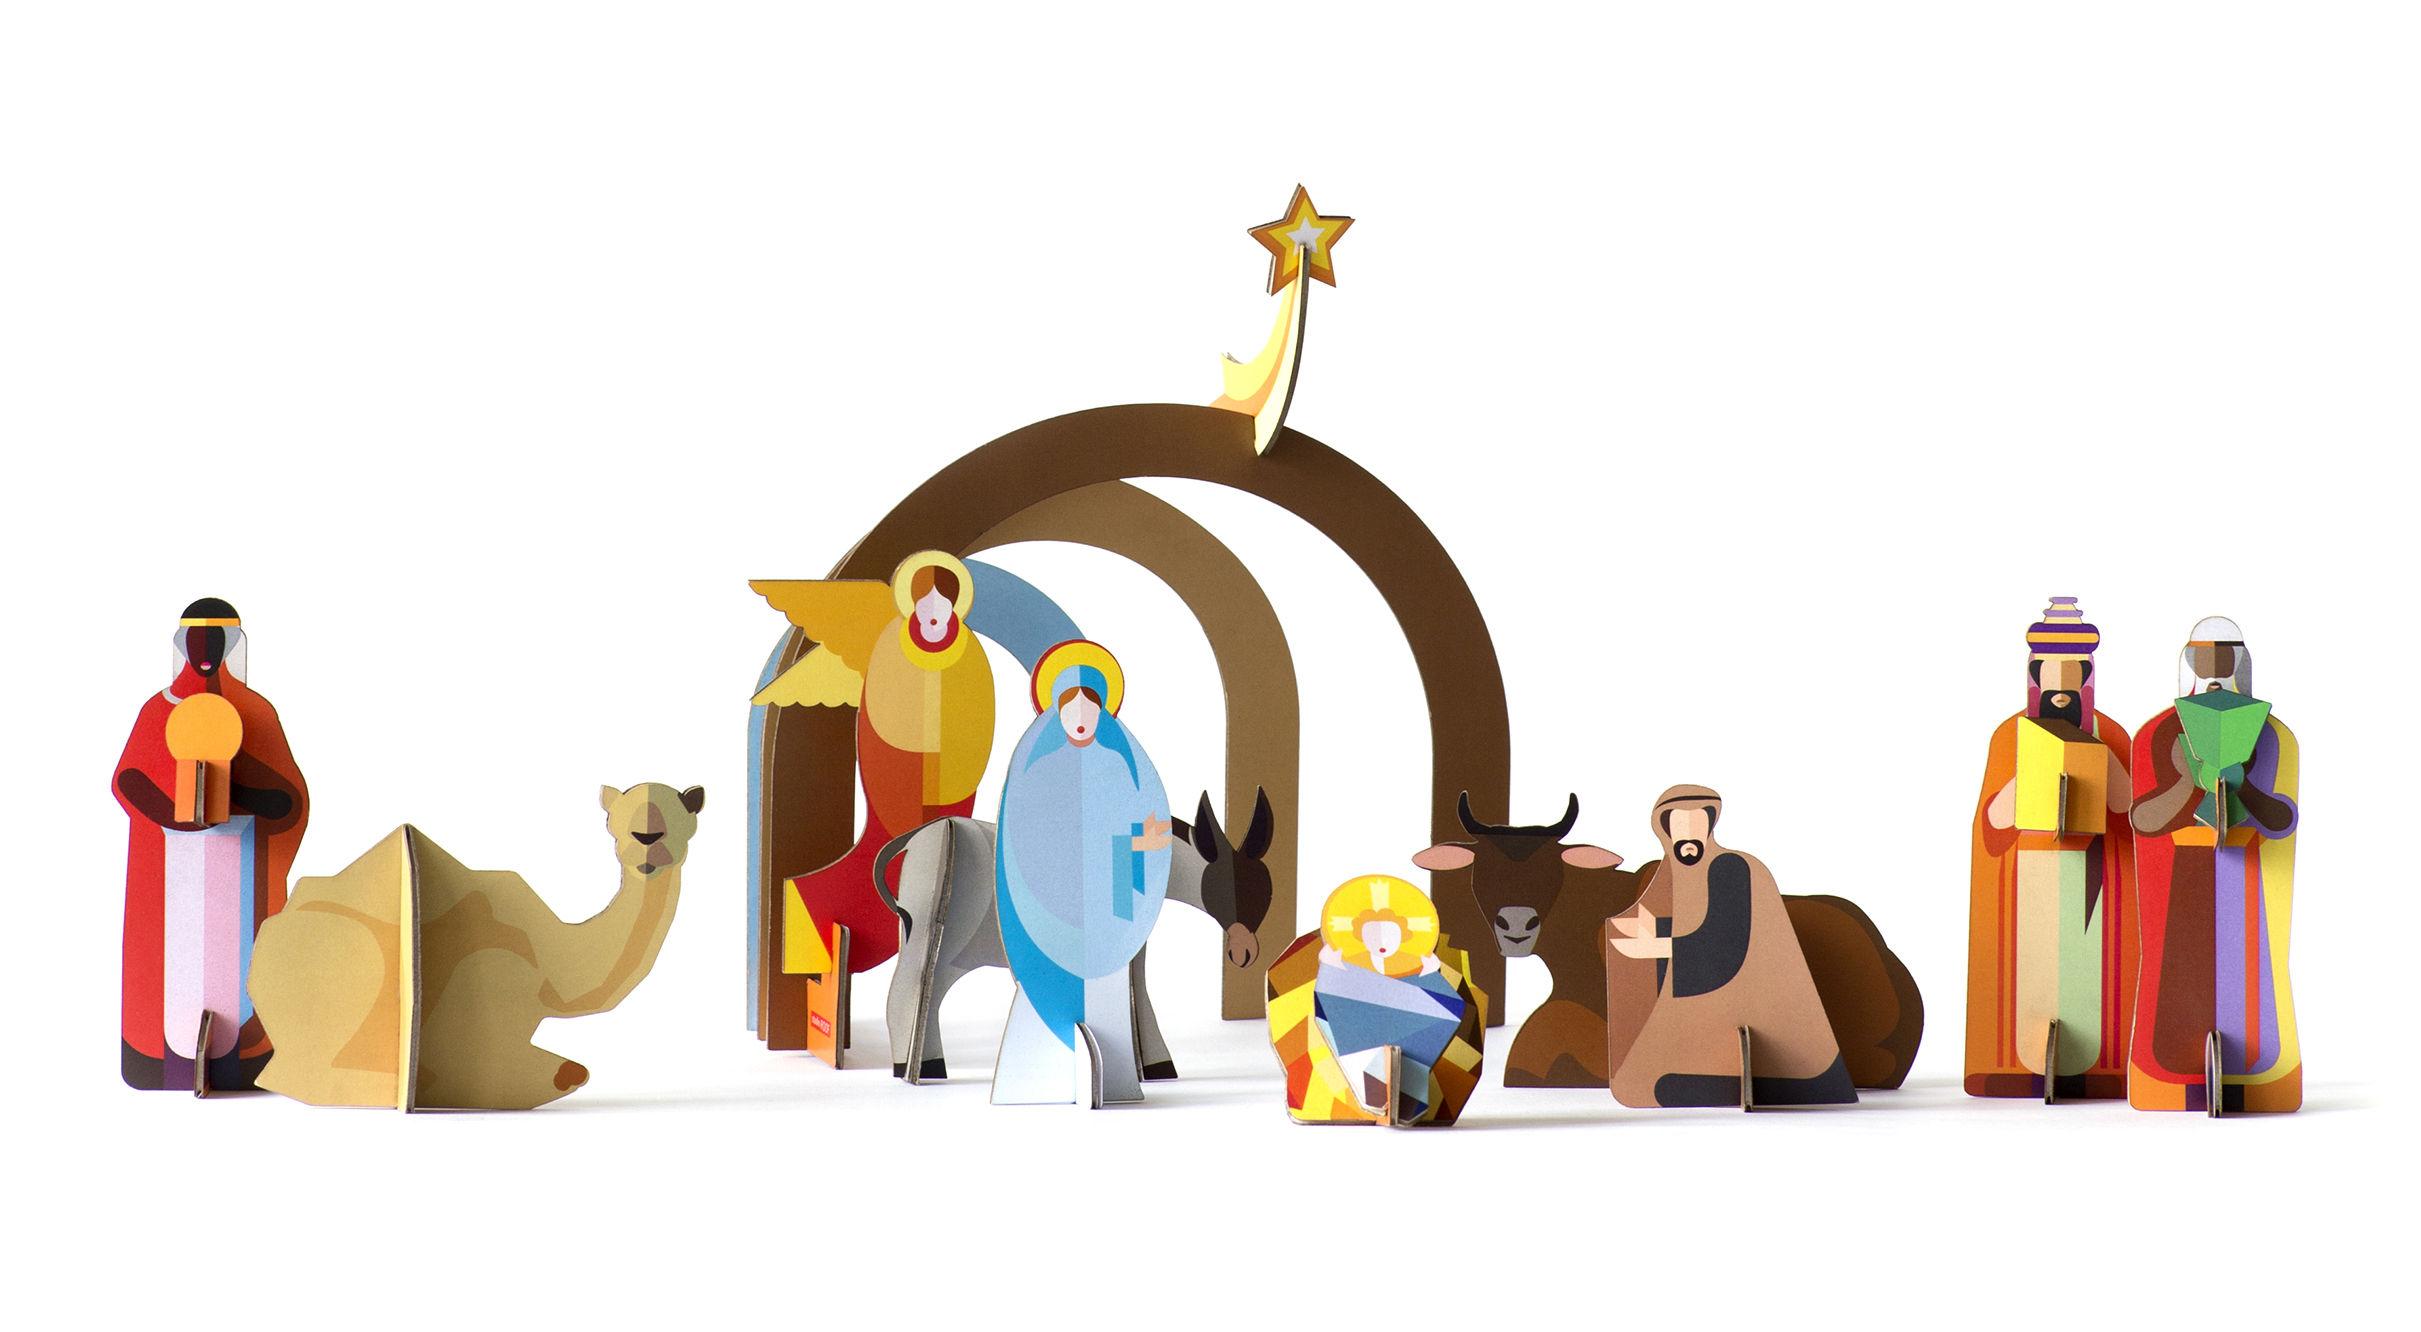 Déco - Pour les enfants - Crèche à construire / Carton - 10 personnages - studio ROOF - Multicolore - Carton recyclé